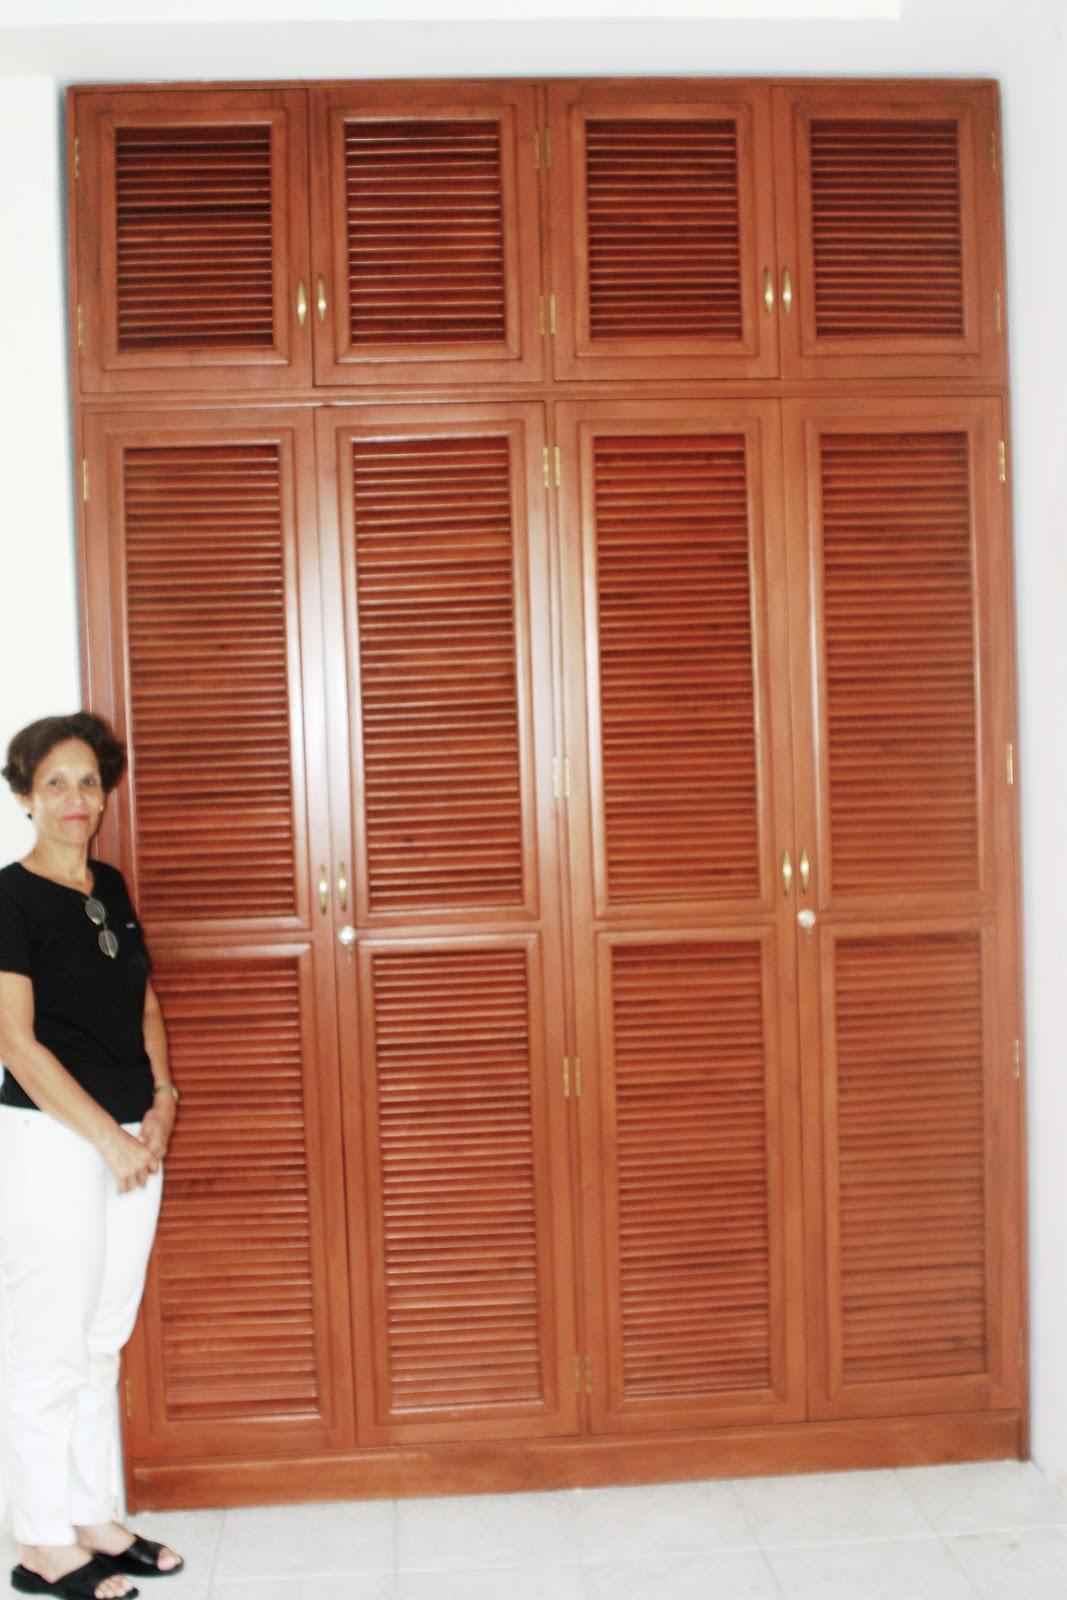 1000 images about closet de lolo morales on pinterest closet davids bridal and custom design - Muebles fym ...